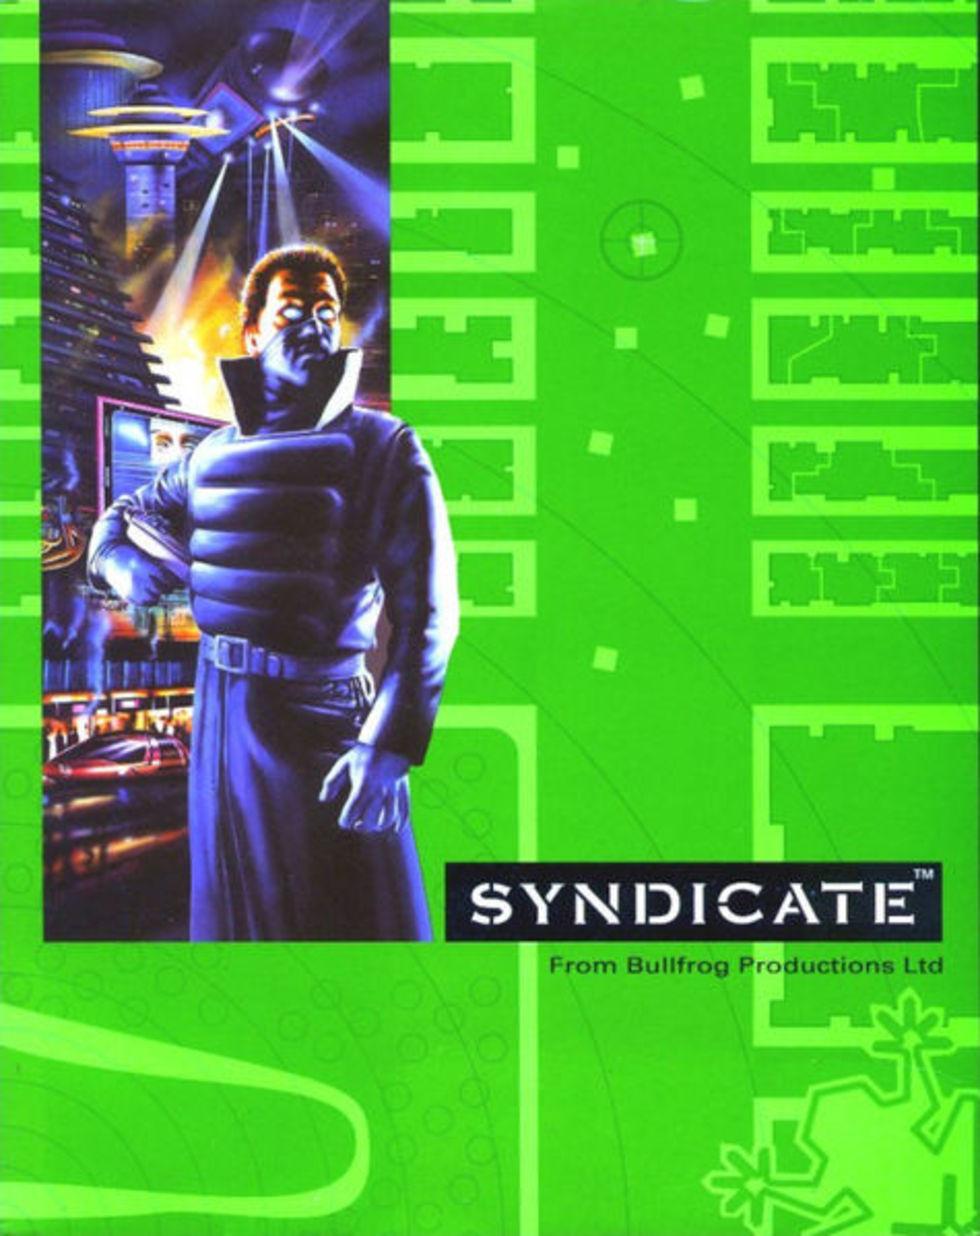 Uppföljare till Syndicate utvecklas